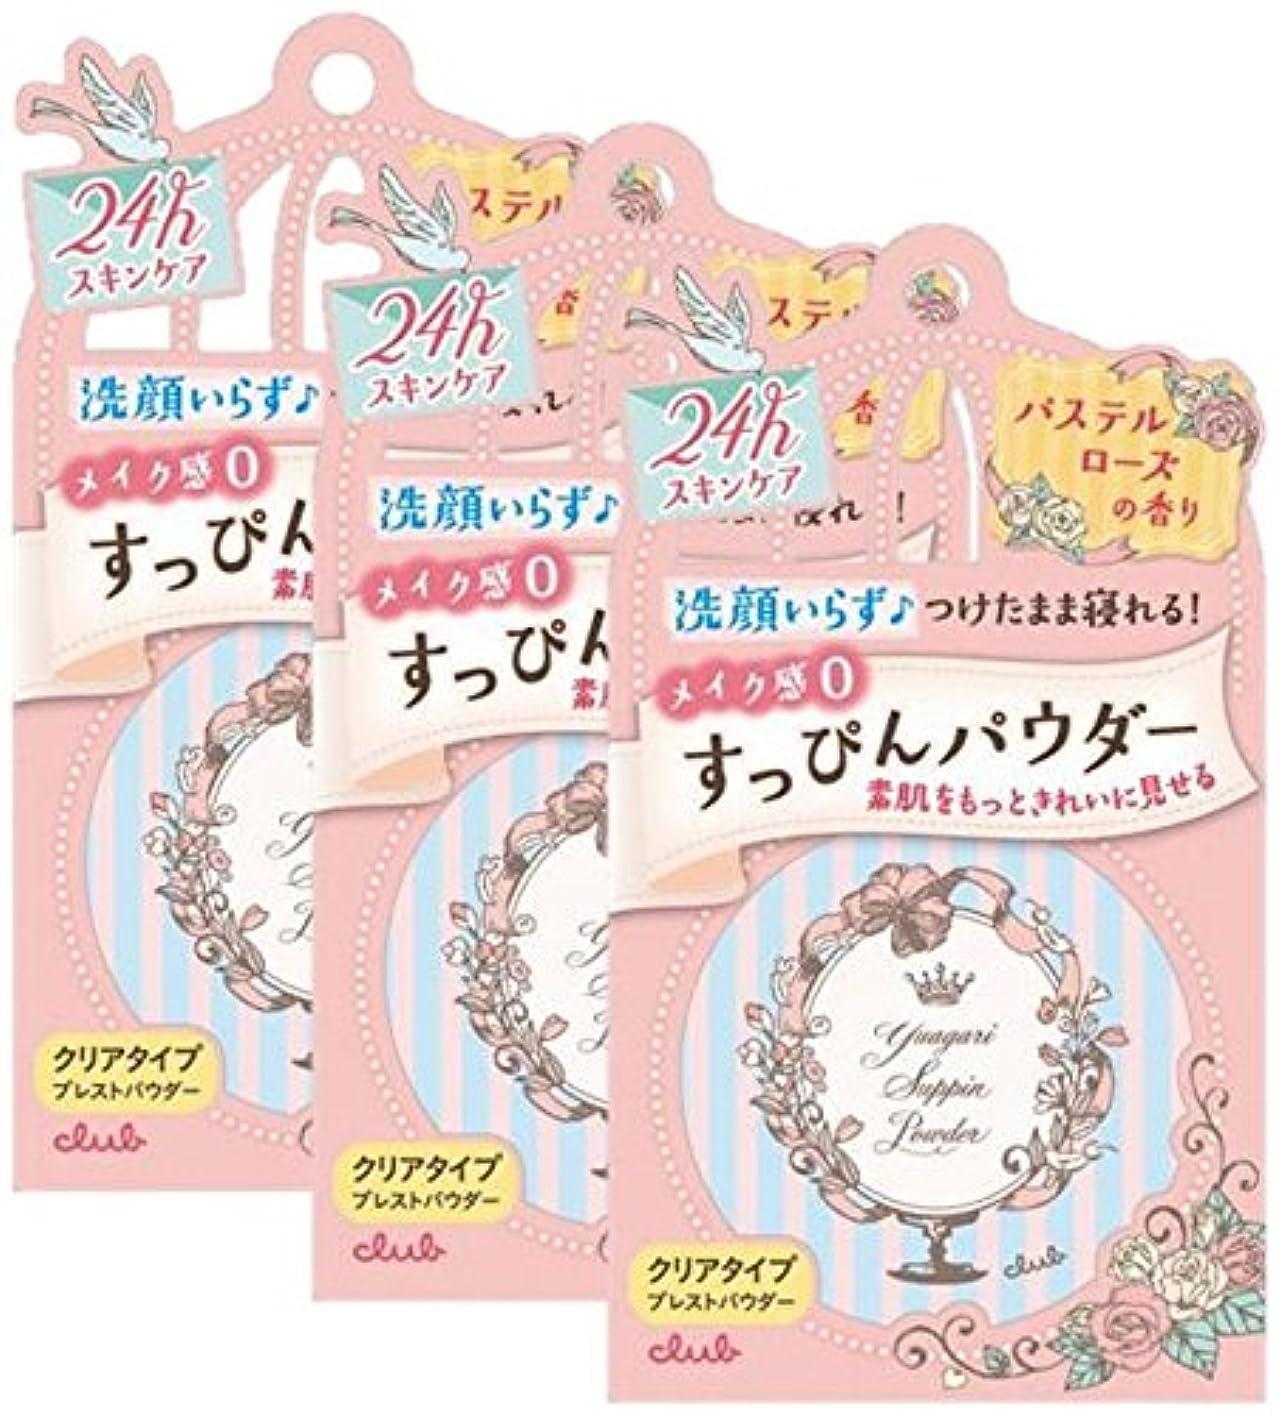 スモッグリー反射【クラブコスメチックス】すっぴんパウダー パステルローズの香り 26g ×3個セット